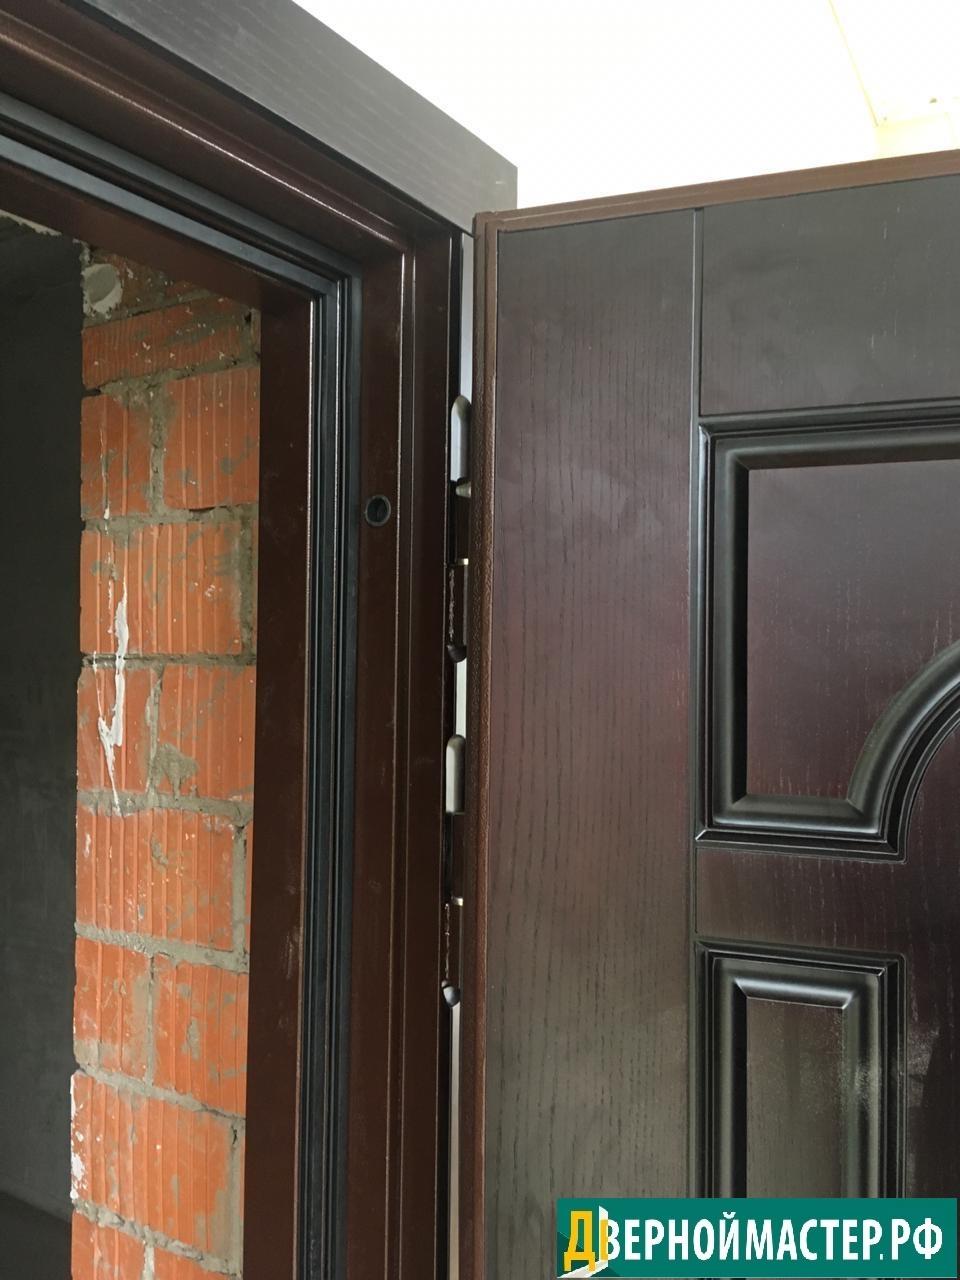 Скурпулезный подход к качеству изготовления дверей металлических входных для частного дома.